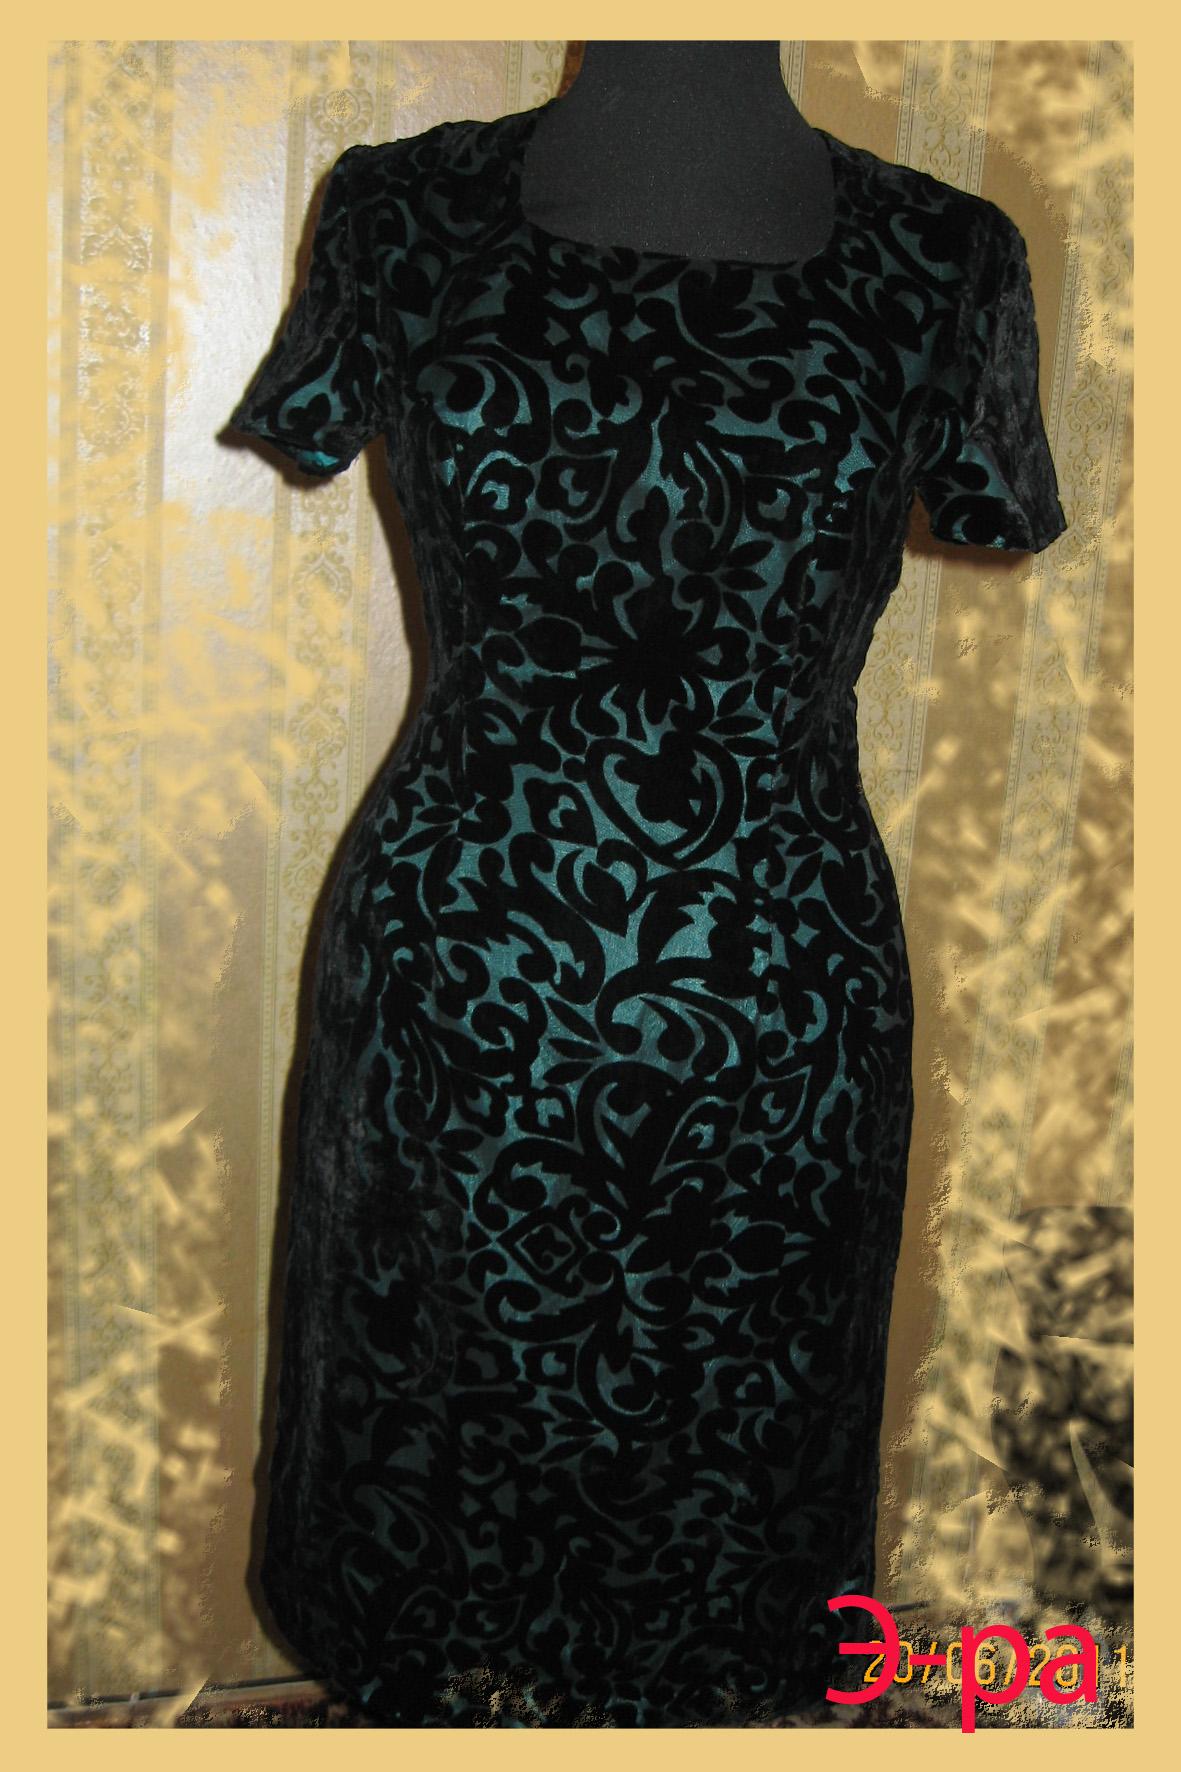 для платья из панбархата на шифоне фото натуральные материалы